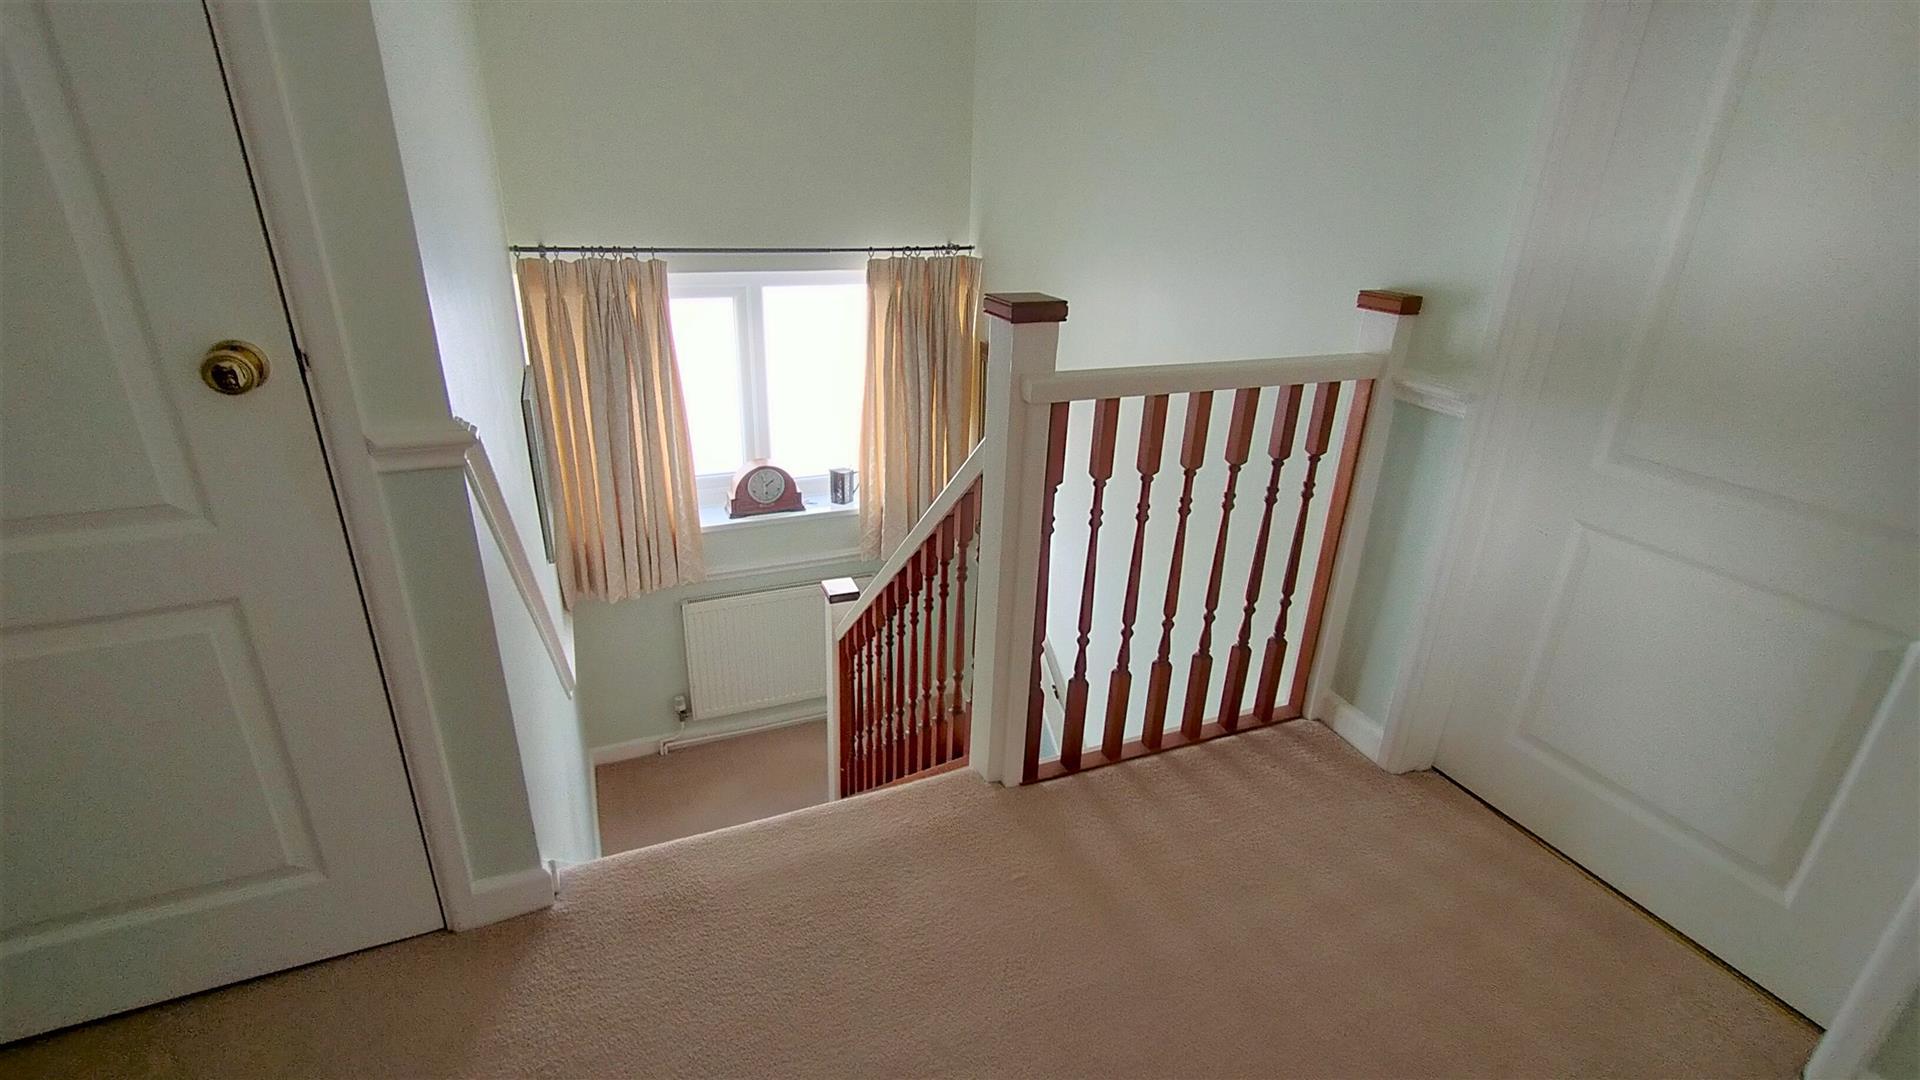 Gerretts Close, Bishopston, Swansea, SA3 3HF